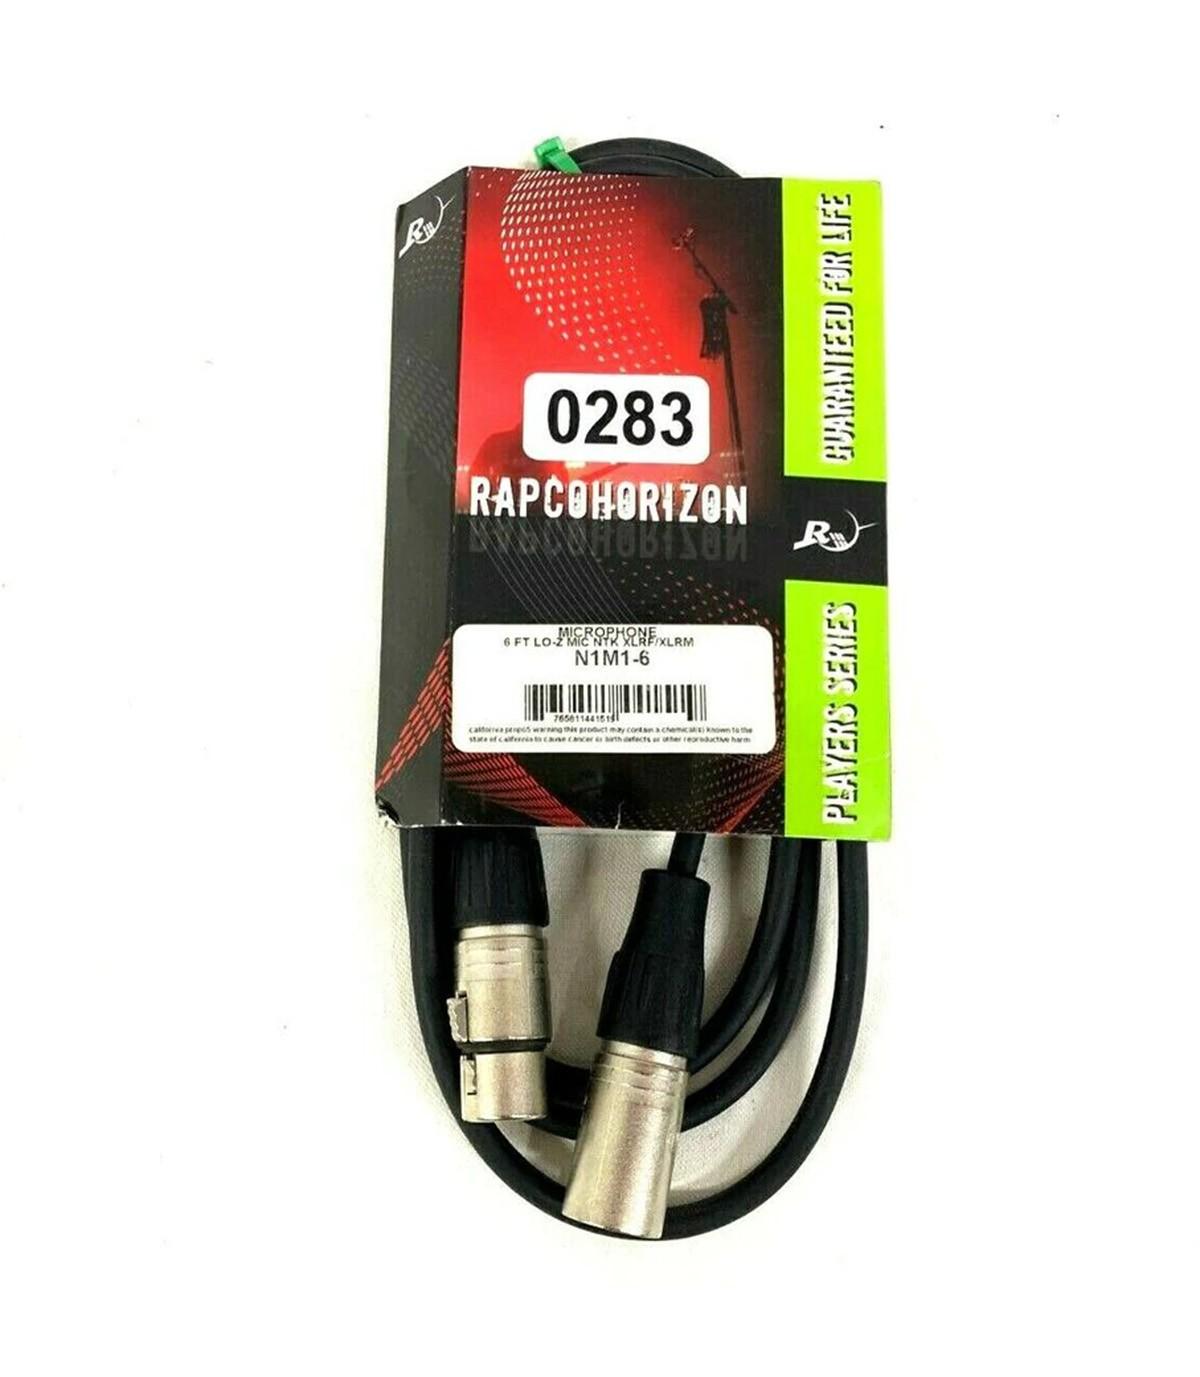 CABO P/MICROFONE XLR 6M RAPCOHORIZON N1M1-20